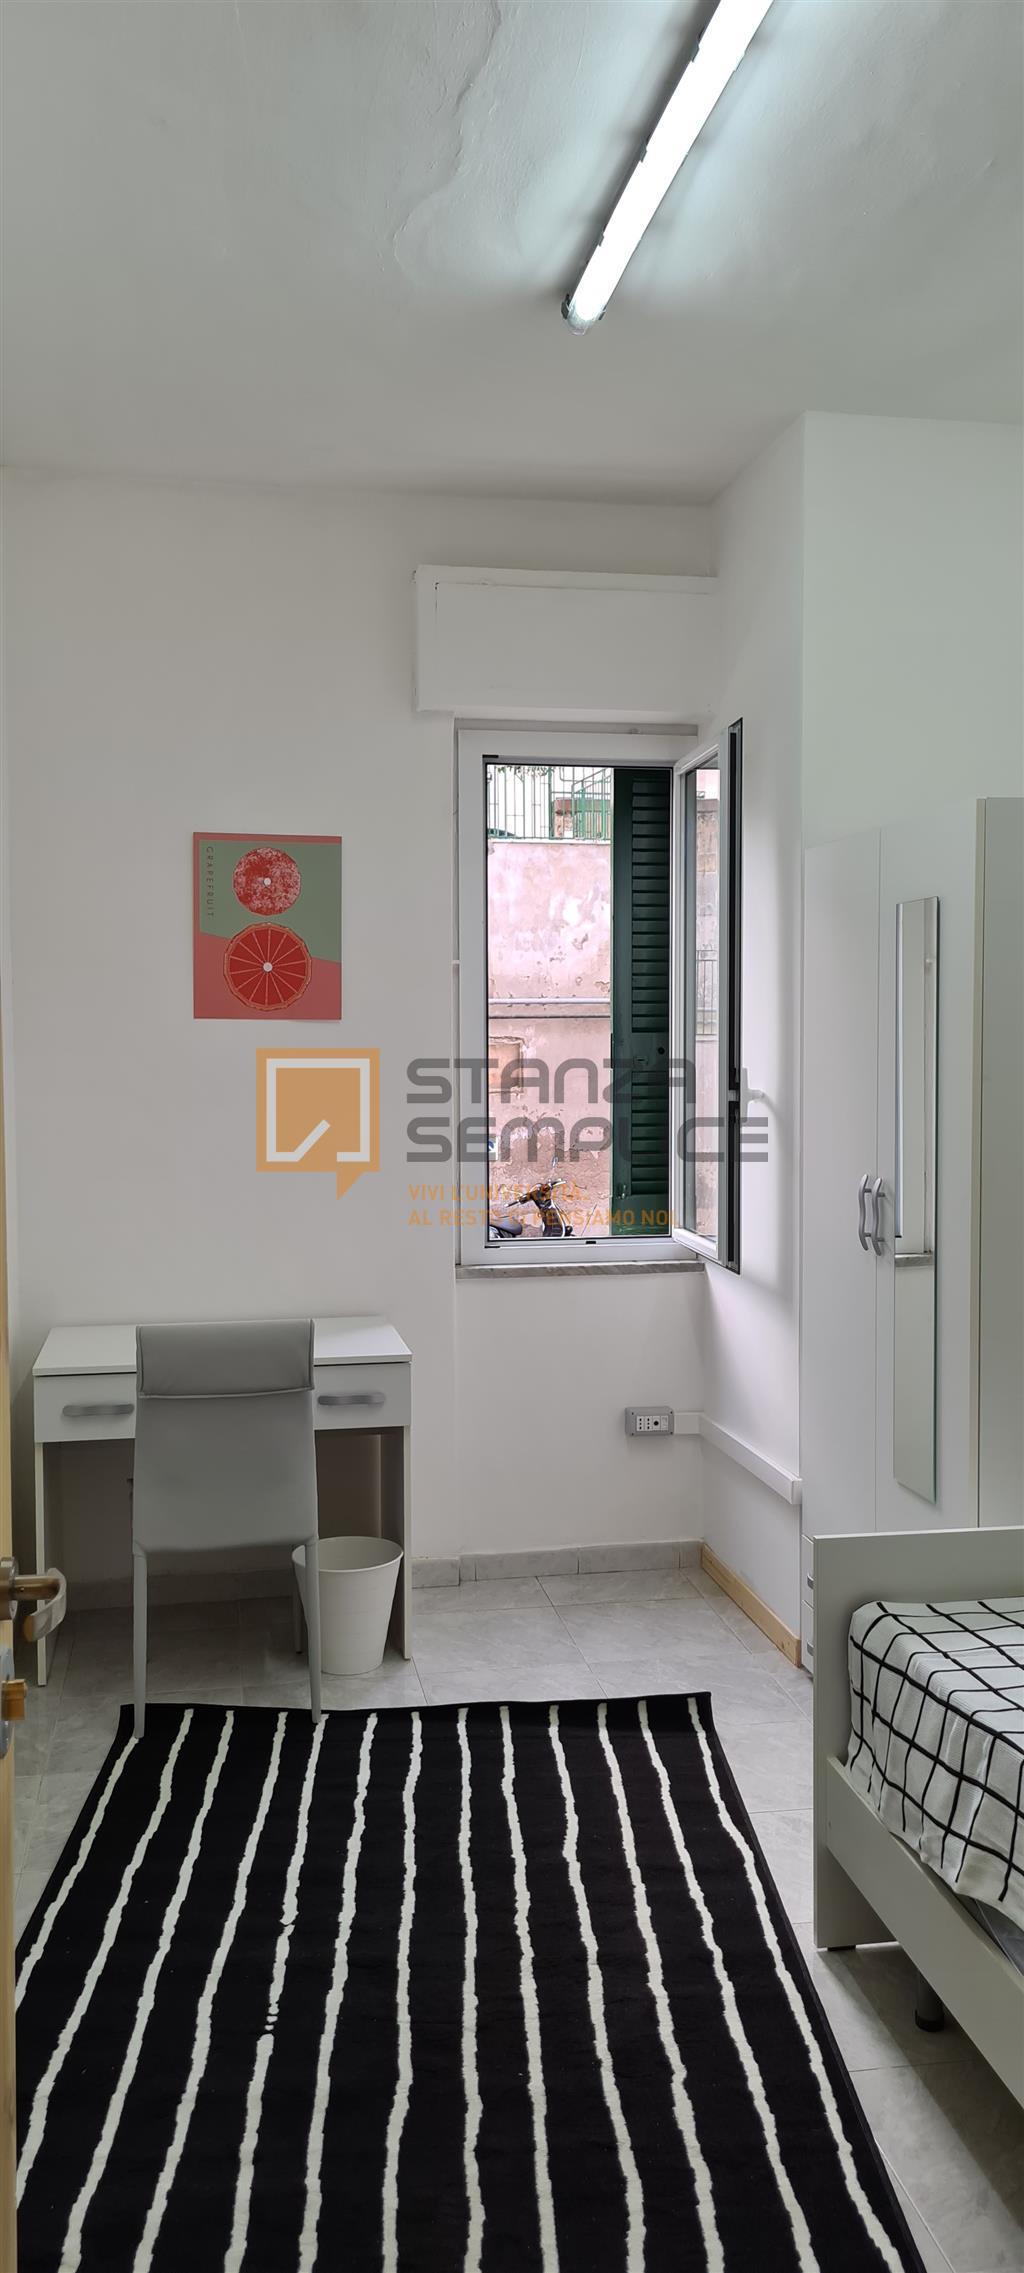 Stanza monolocale in affitto a Napoli (NA)